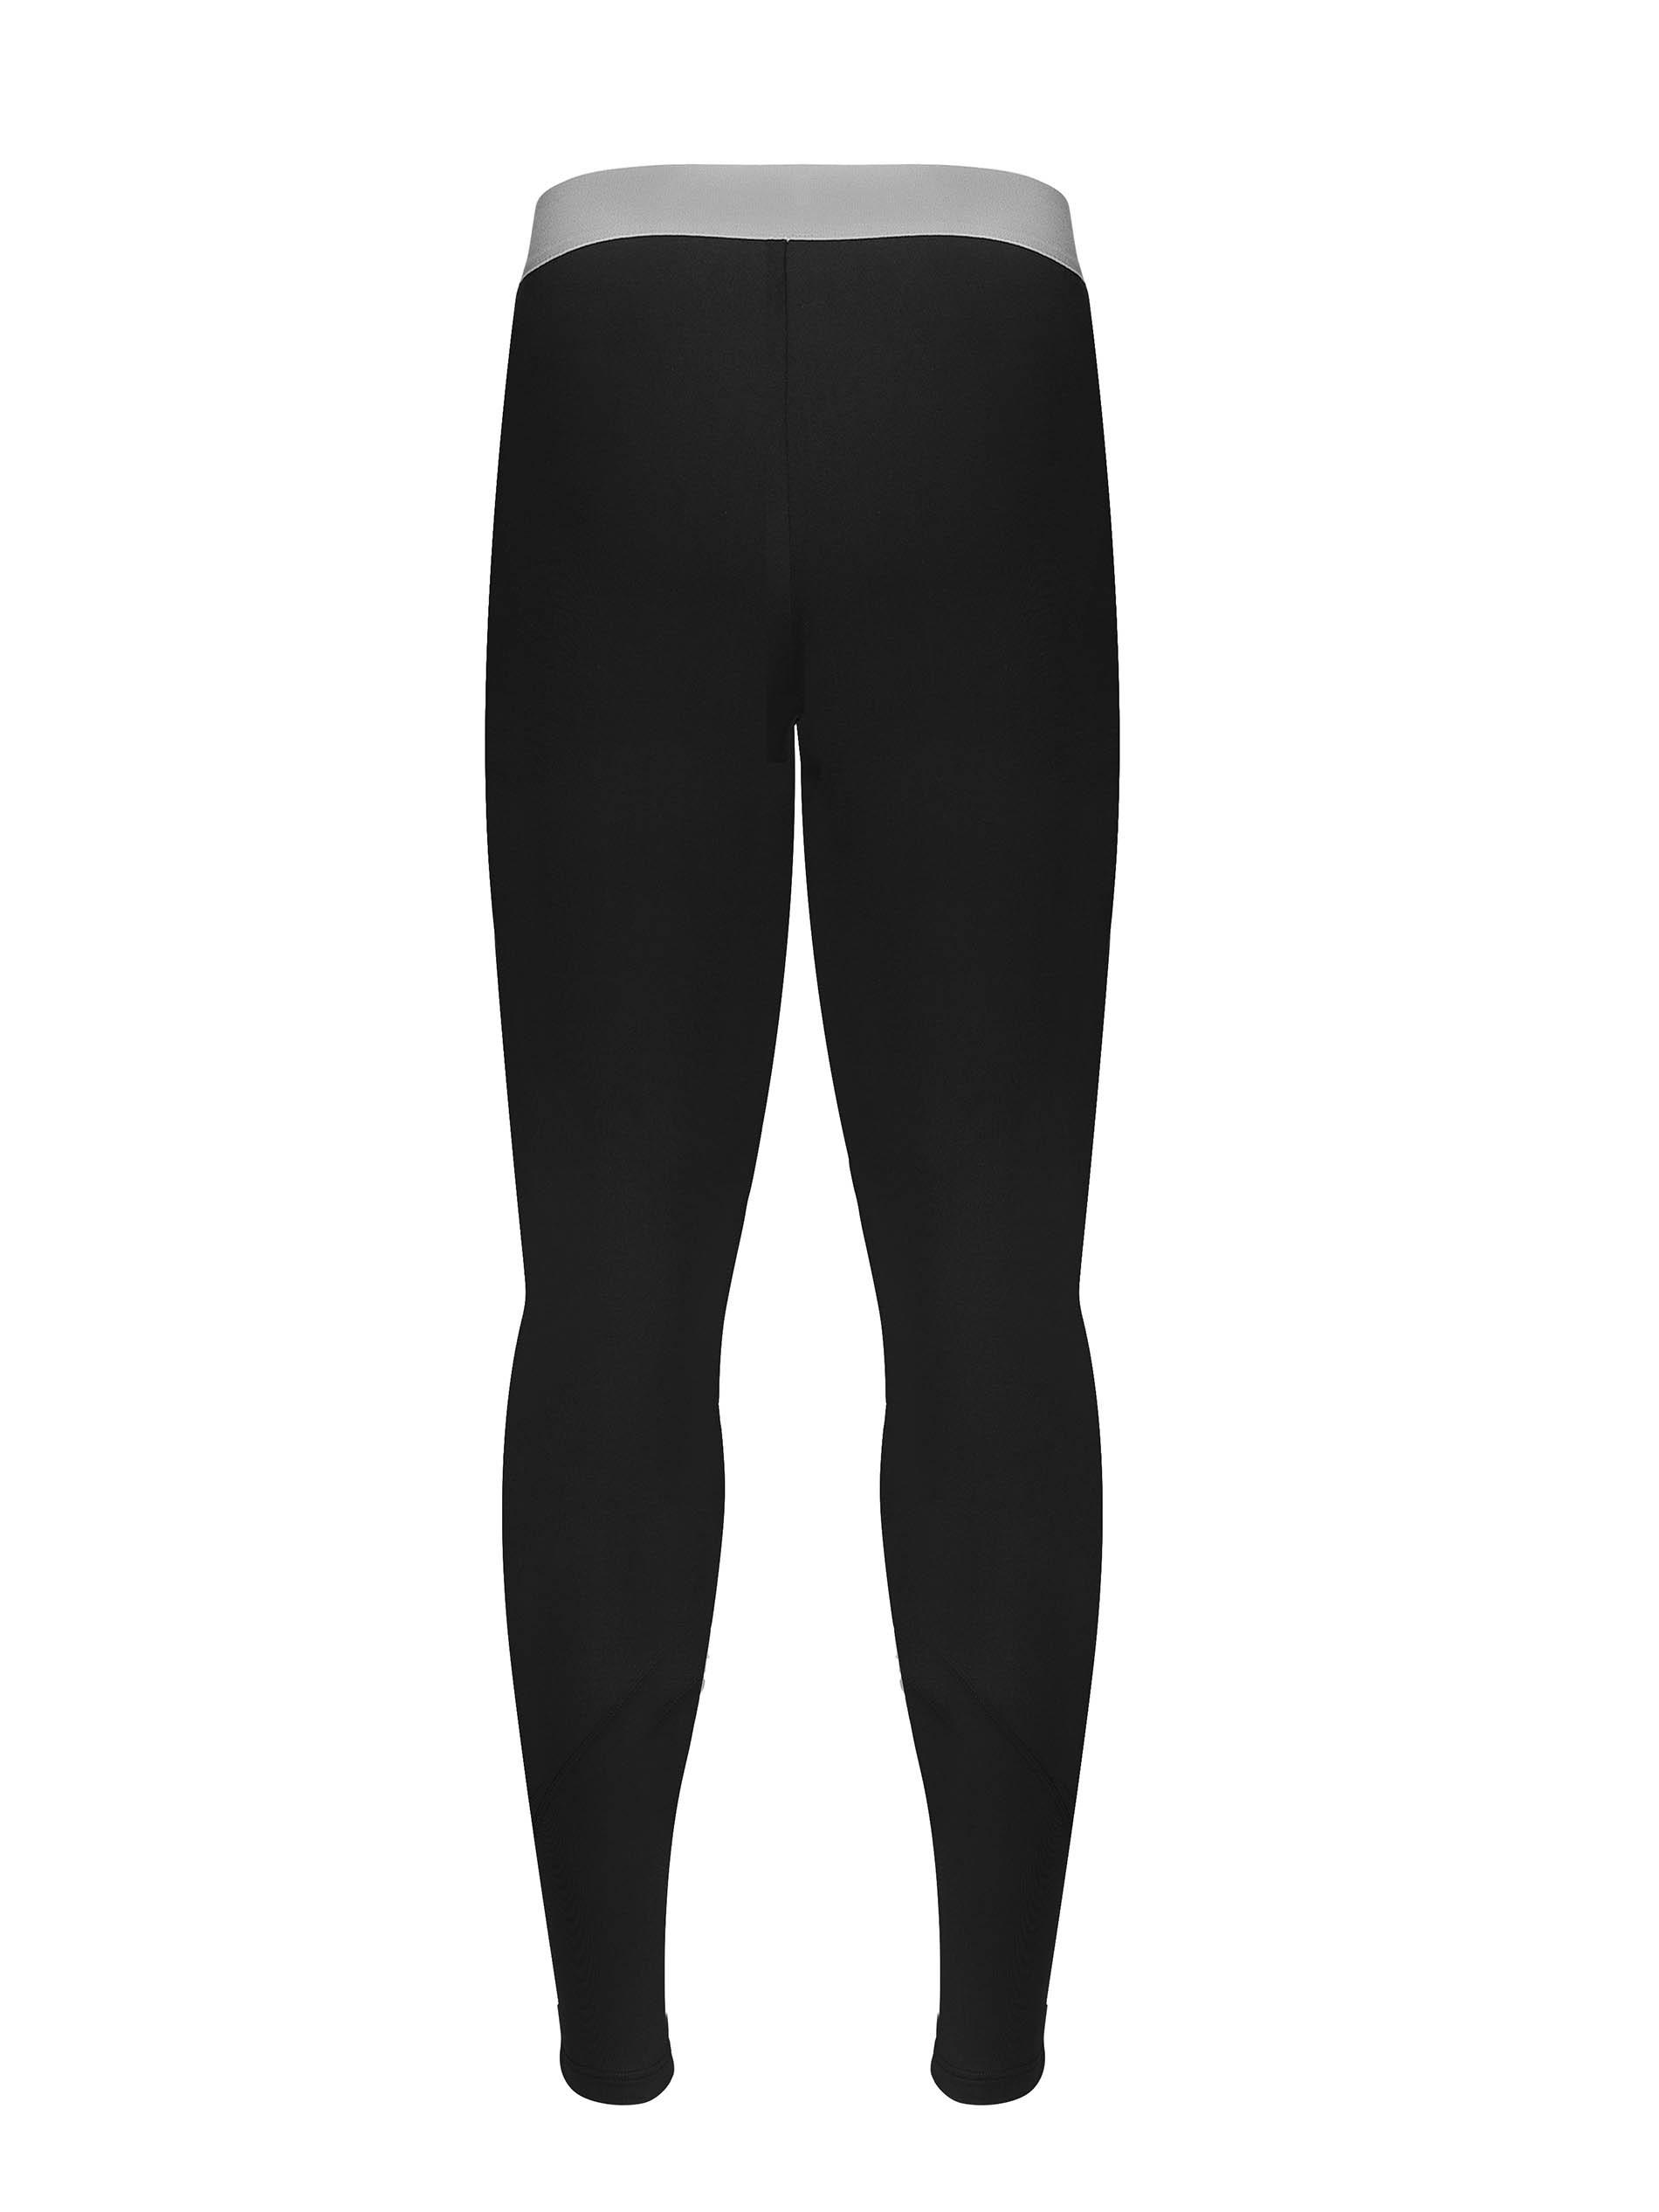 Collant sous-vêtement Sport Homme-img-65674